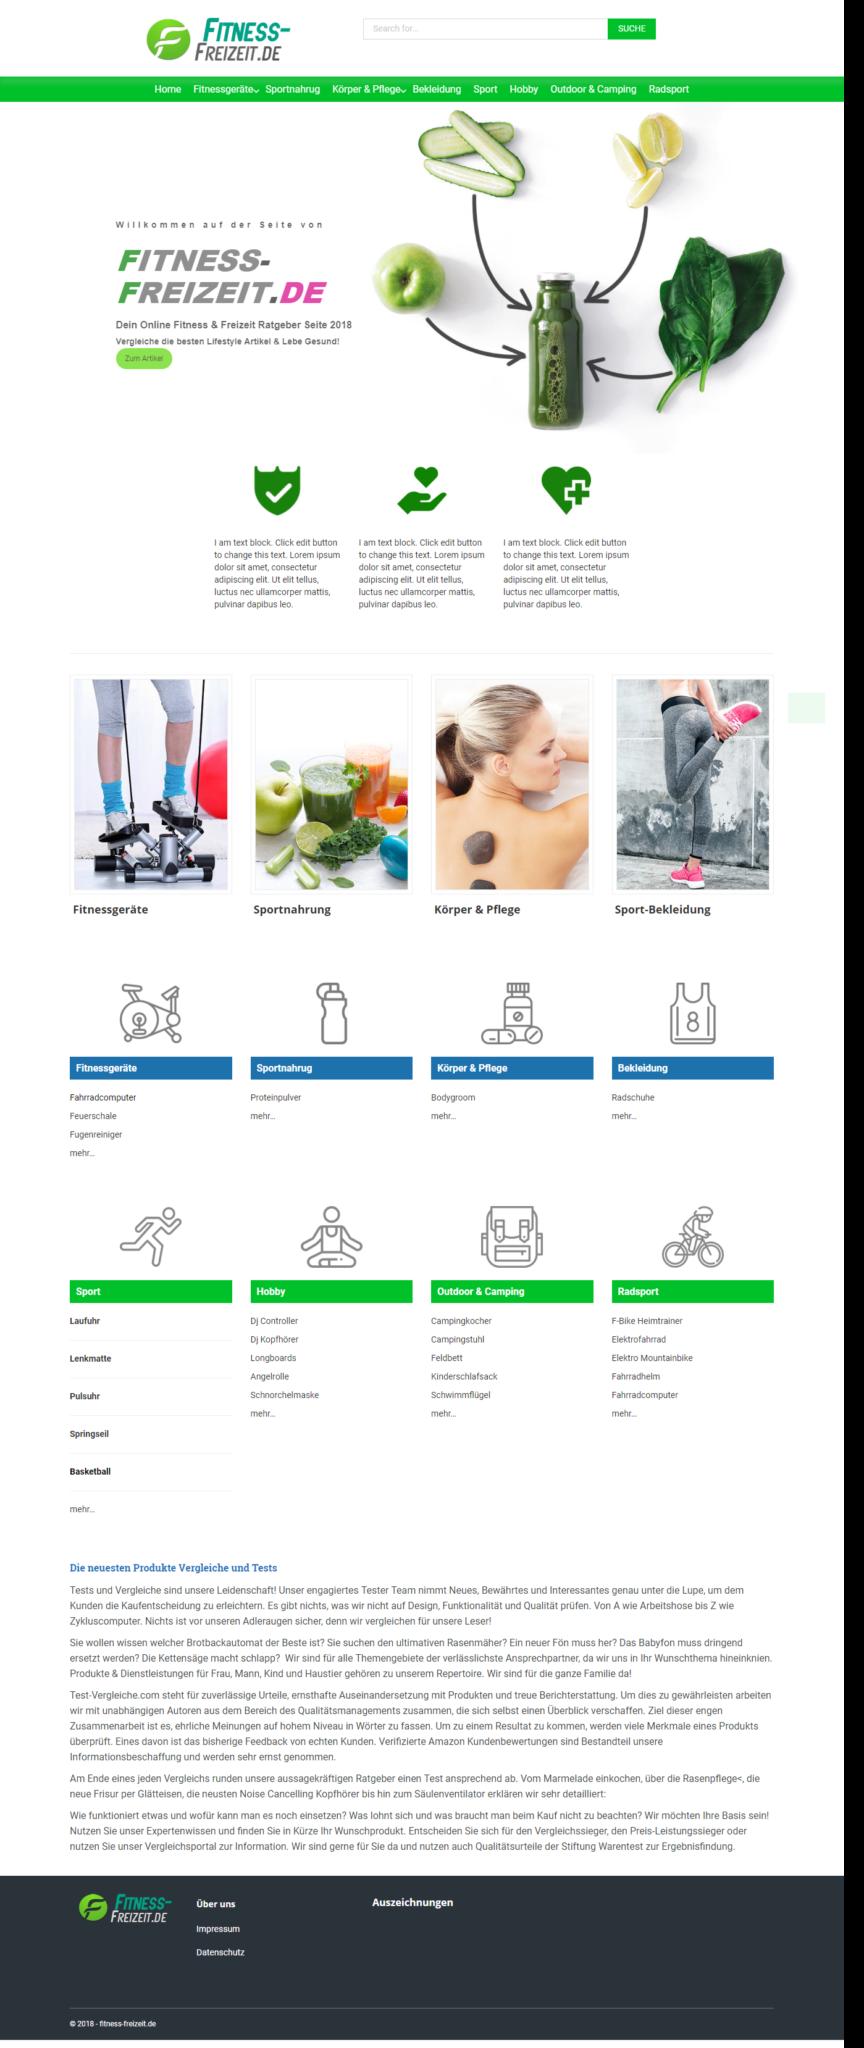 FireShot Capture 9 - Home – Fitness-Freizeit.de - Vergleiche Deine G_ - https___fitness-freizeit.de_